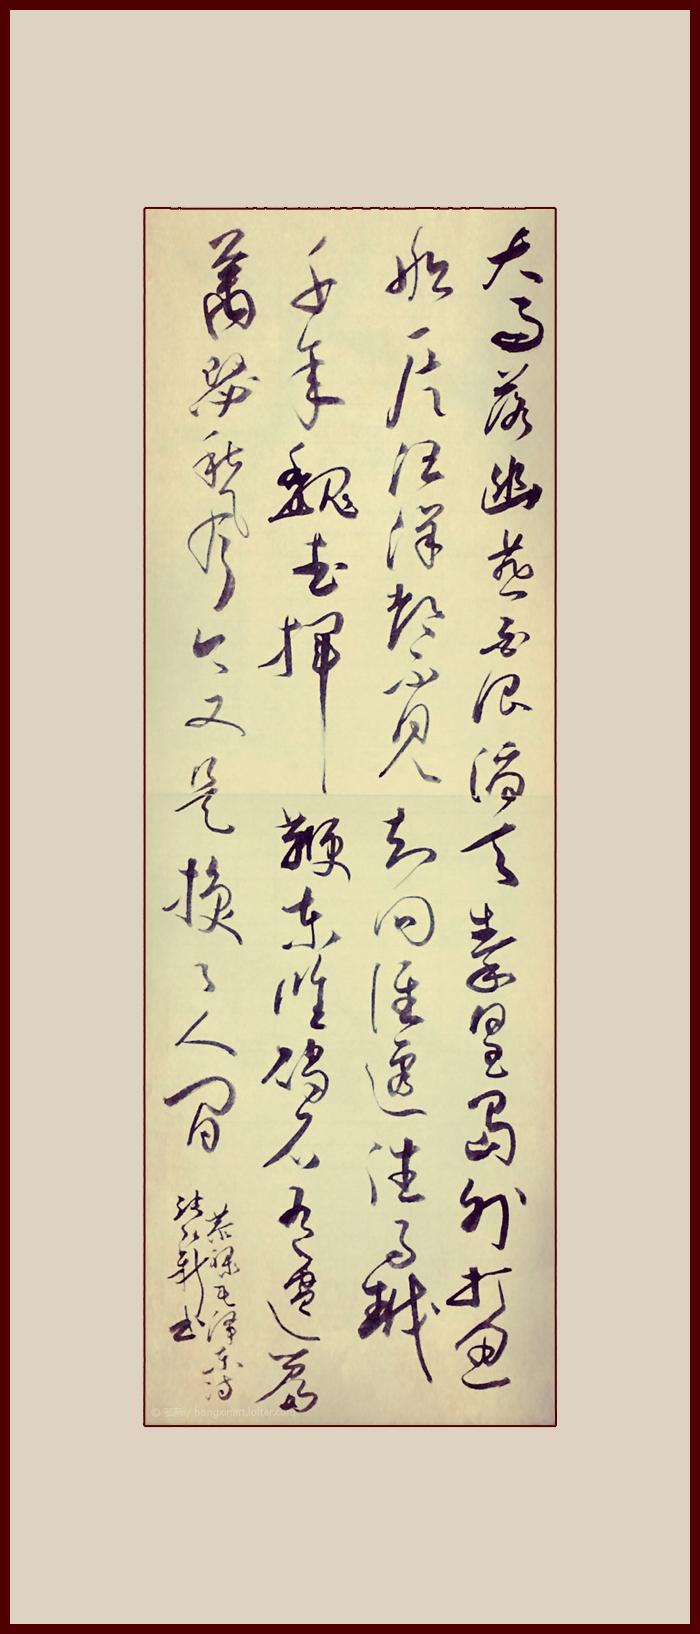 查看《弘新十月书法展》原图,原图尺寸:700x1634